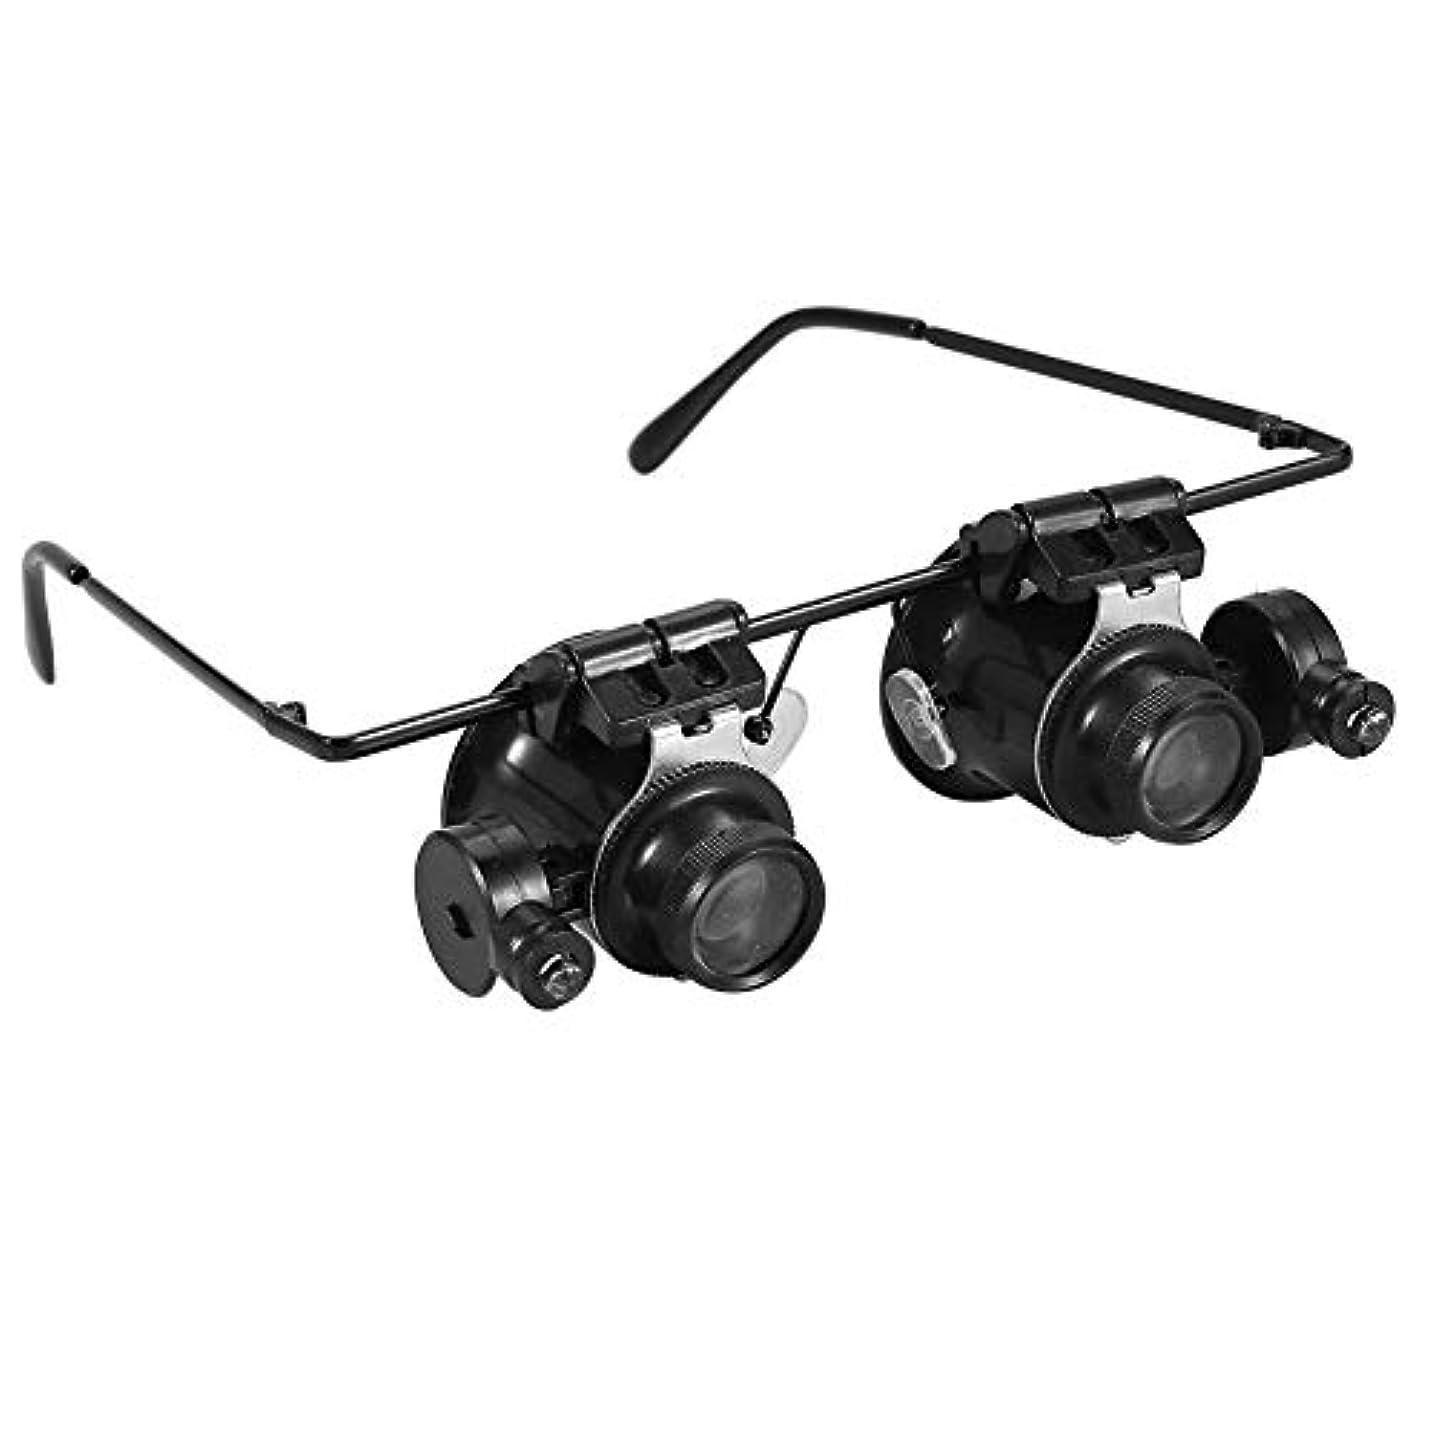 ひどい鳴り響く丁寧メガネ拡大鏡メガネ20倍拡大鏡宝石商ツールウォッチ修理LEDライトレンズルーペ